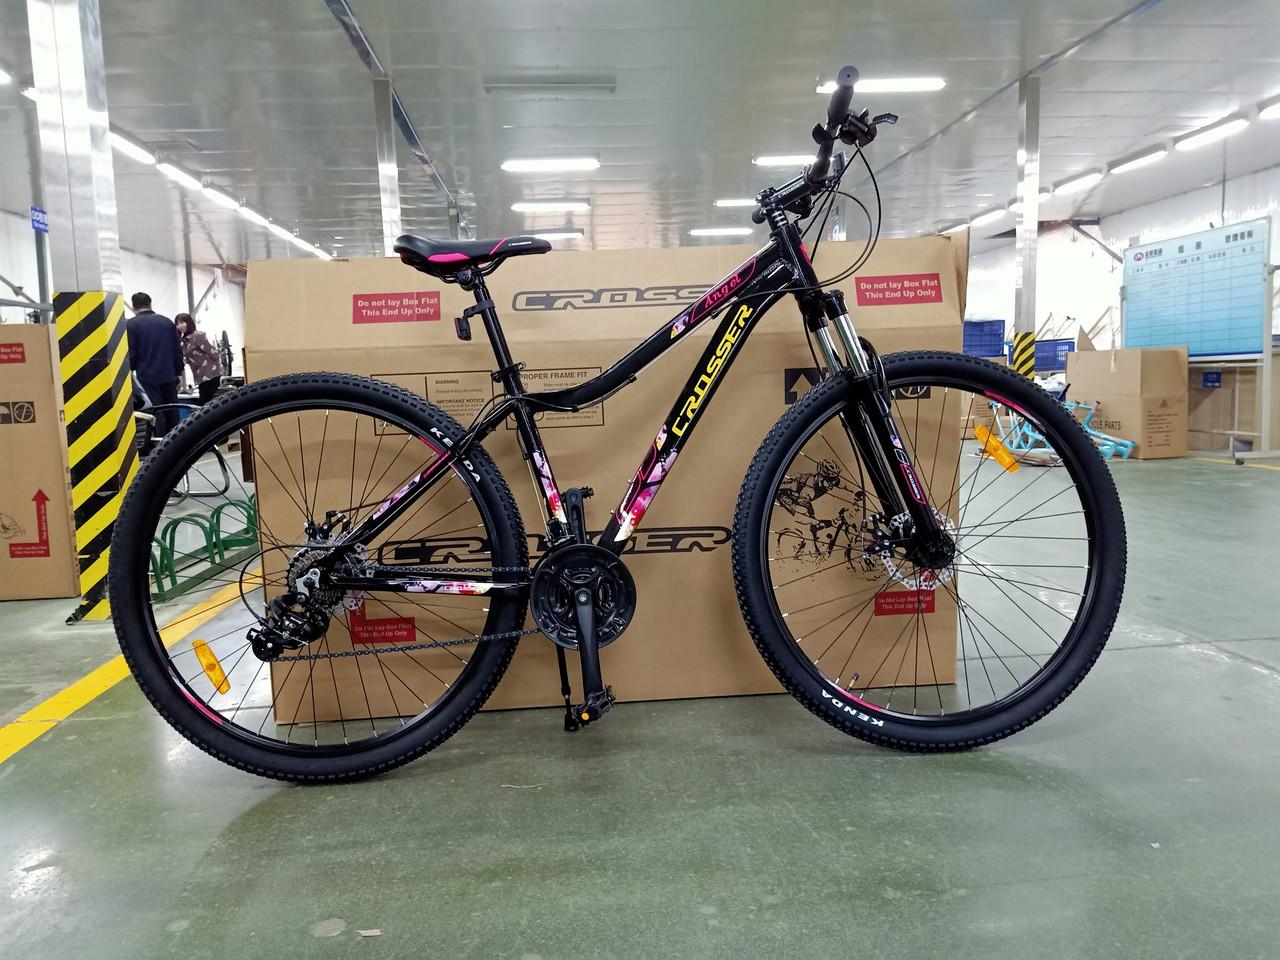 Велосипед CROSSER 26  Angel 16,5  2020 года Черный цвет